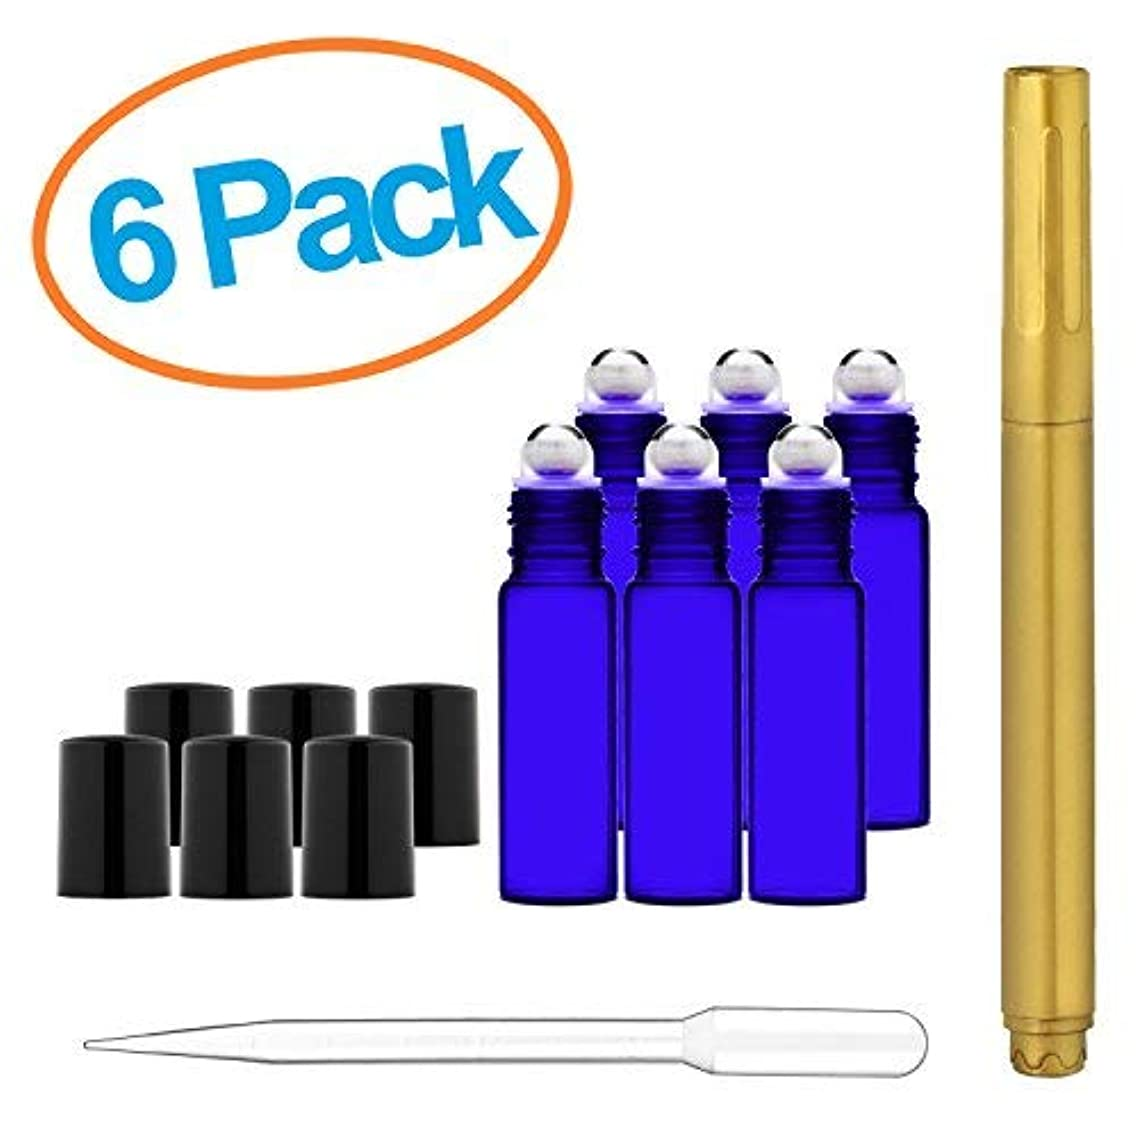 失う表示会員Culinaire 6 Pack Of 10 ml Blue Glass Bottles with Stainless Steel Roller Balls/Caps & 3 ml Dropper with Gold Glass...